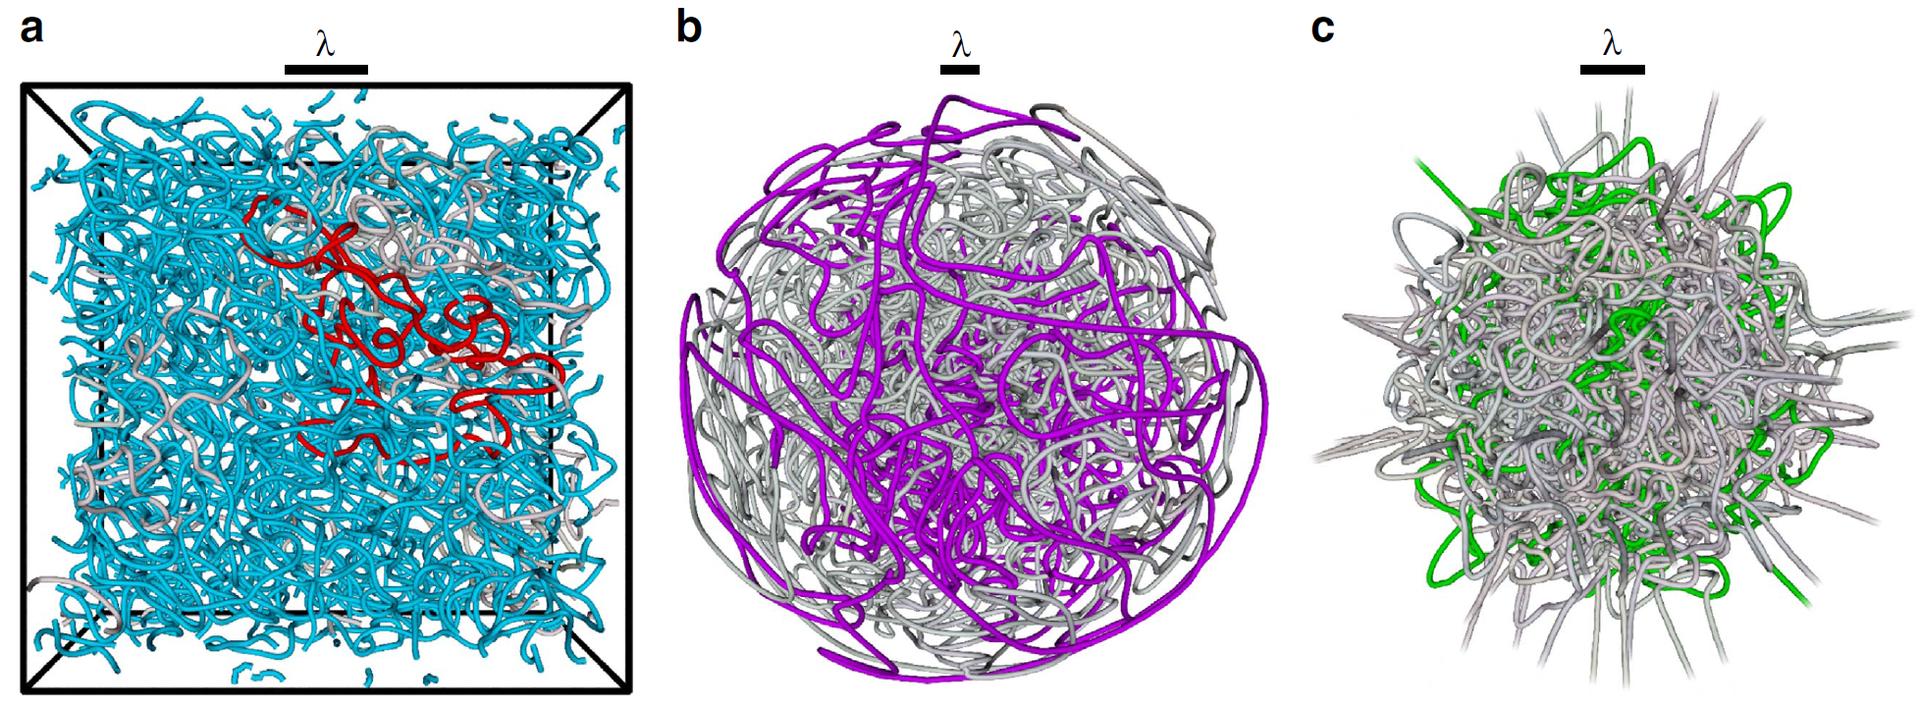 Фигуры Хладни и квантовый хаос - 30